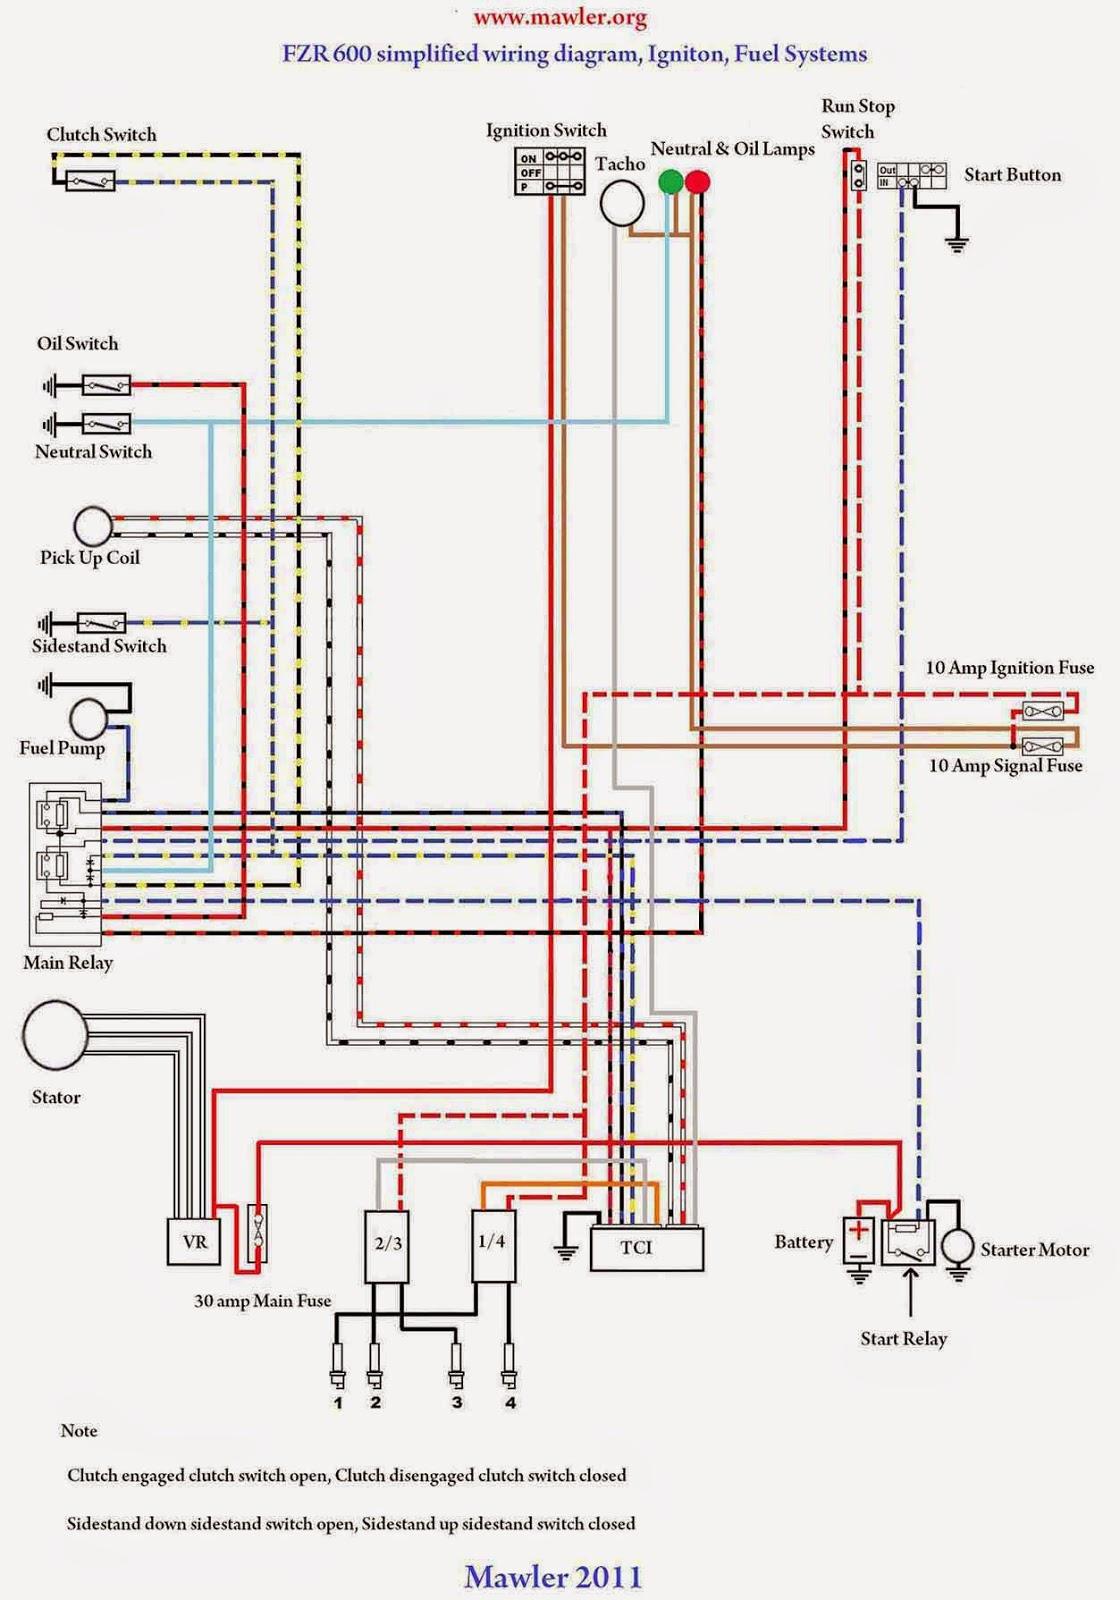 small resolution of  yamaha fzr600 wiring diagram images of furthermore yamaha 600 wiring sc fzr600 wiring diagram at cita